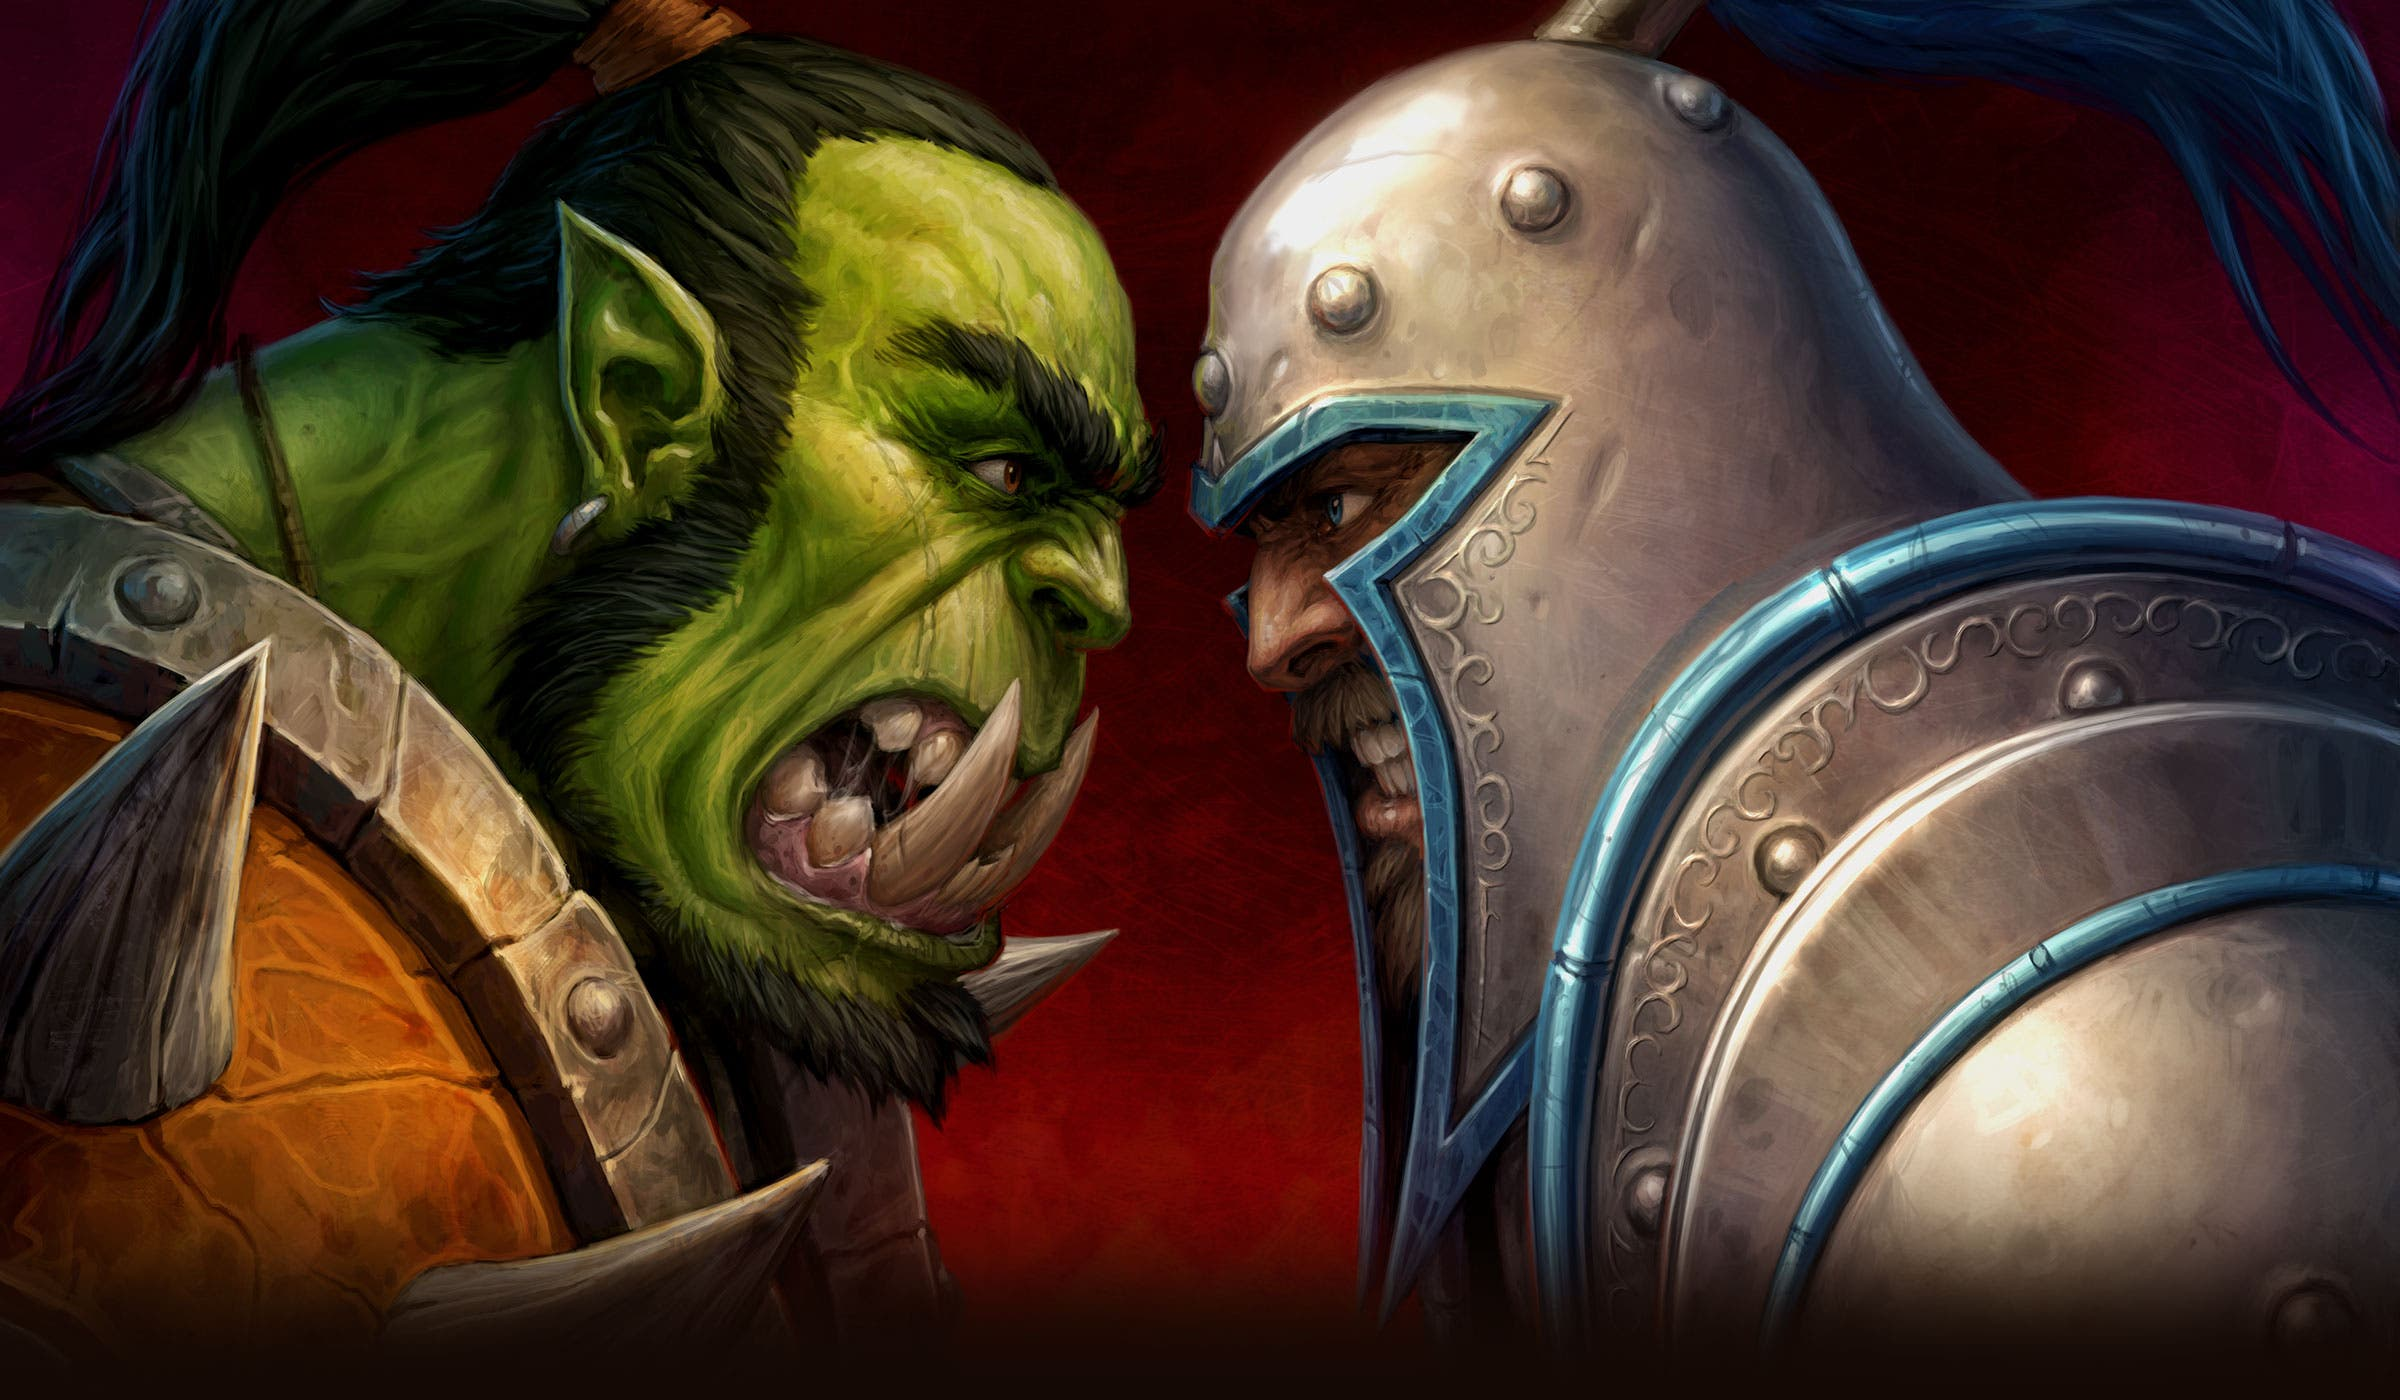 Игровая неделя: Бунт в Activision Blizzard, 10 миллионов PlayStation 5 и злой остров Ghost of Tsushima